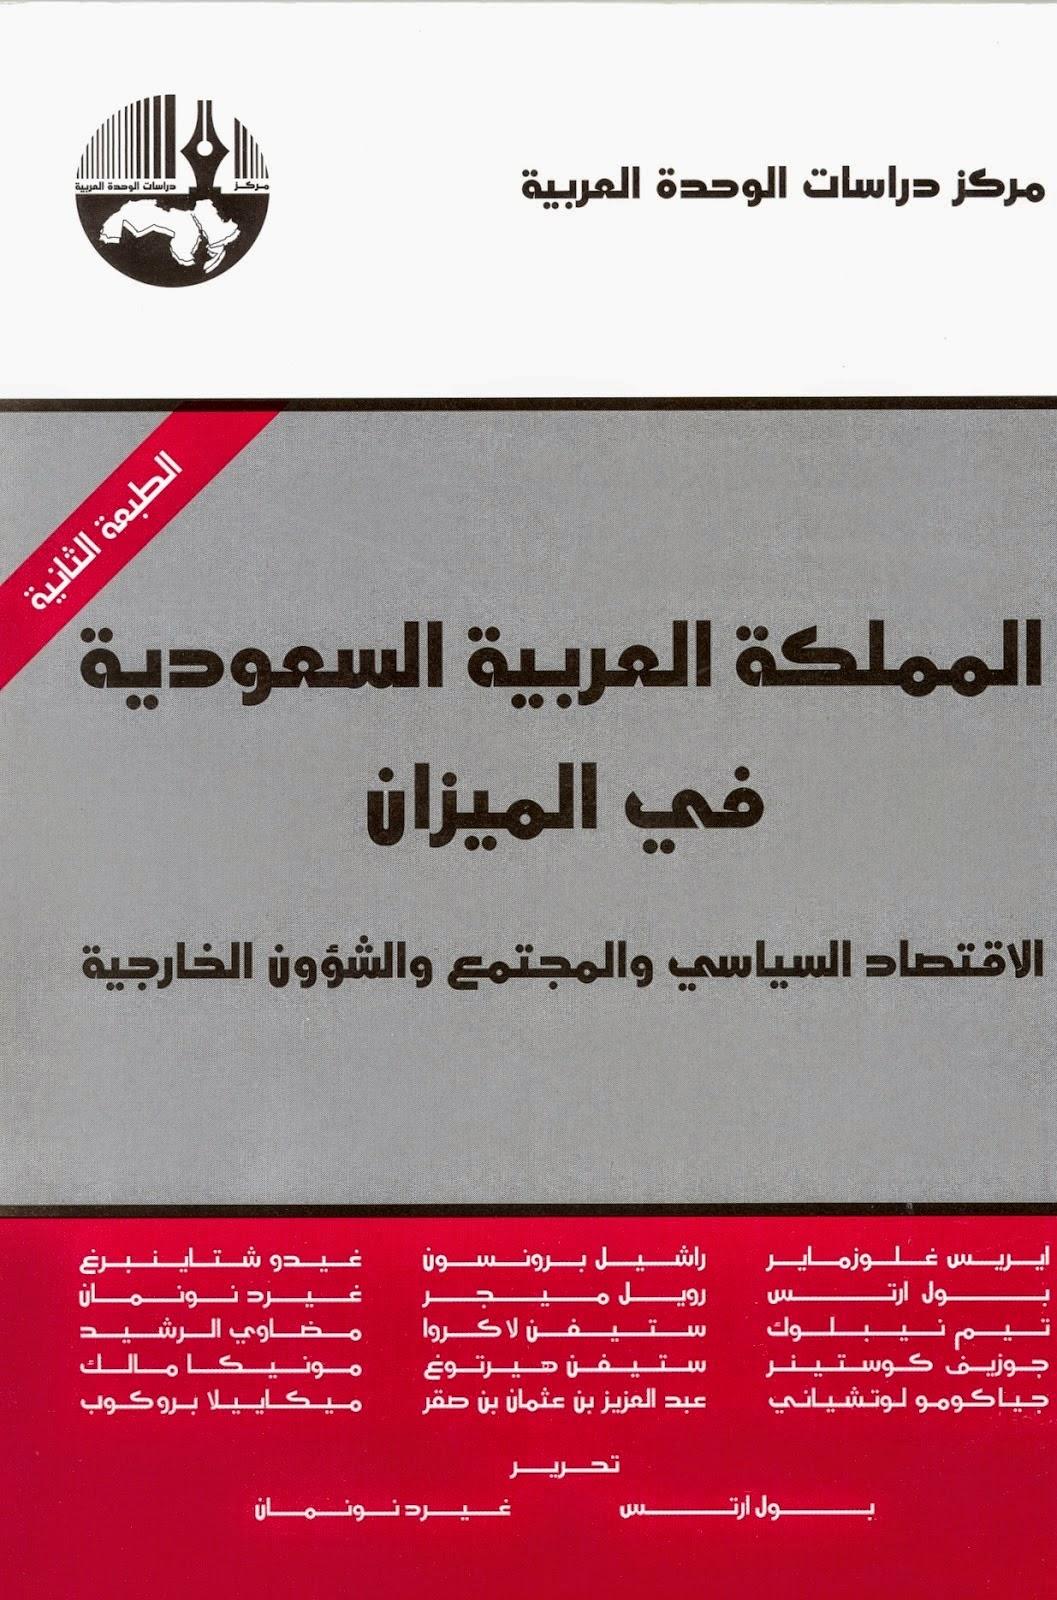 المملكة العربية السعودية في الميزان: الاقتصاد السياسي والمجتمع والشئون الخارجية - مجموعة مؤلفين pdf